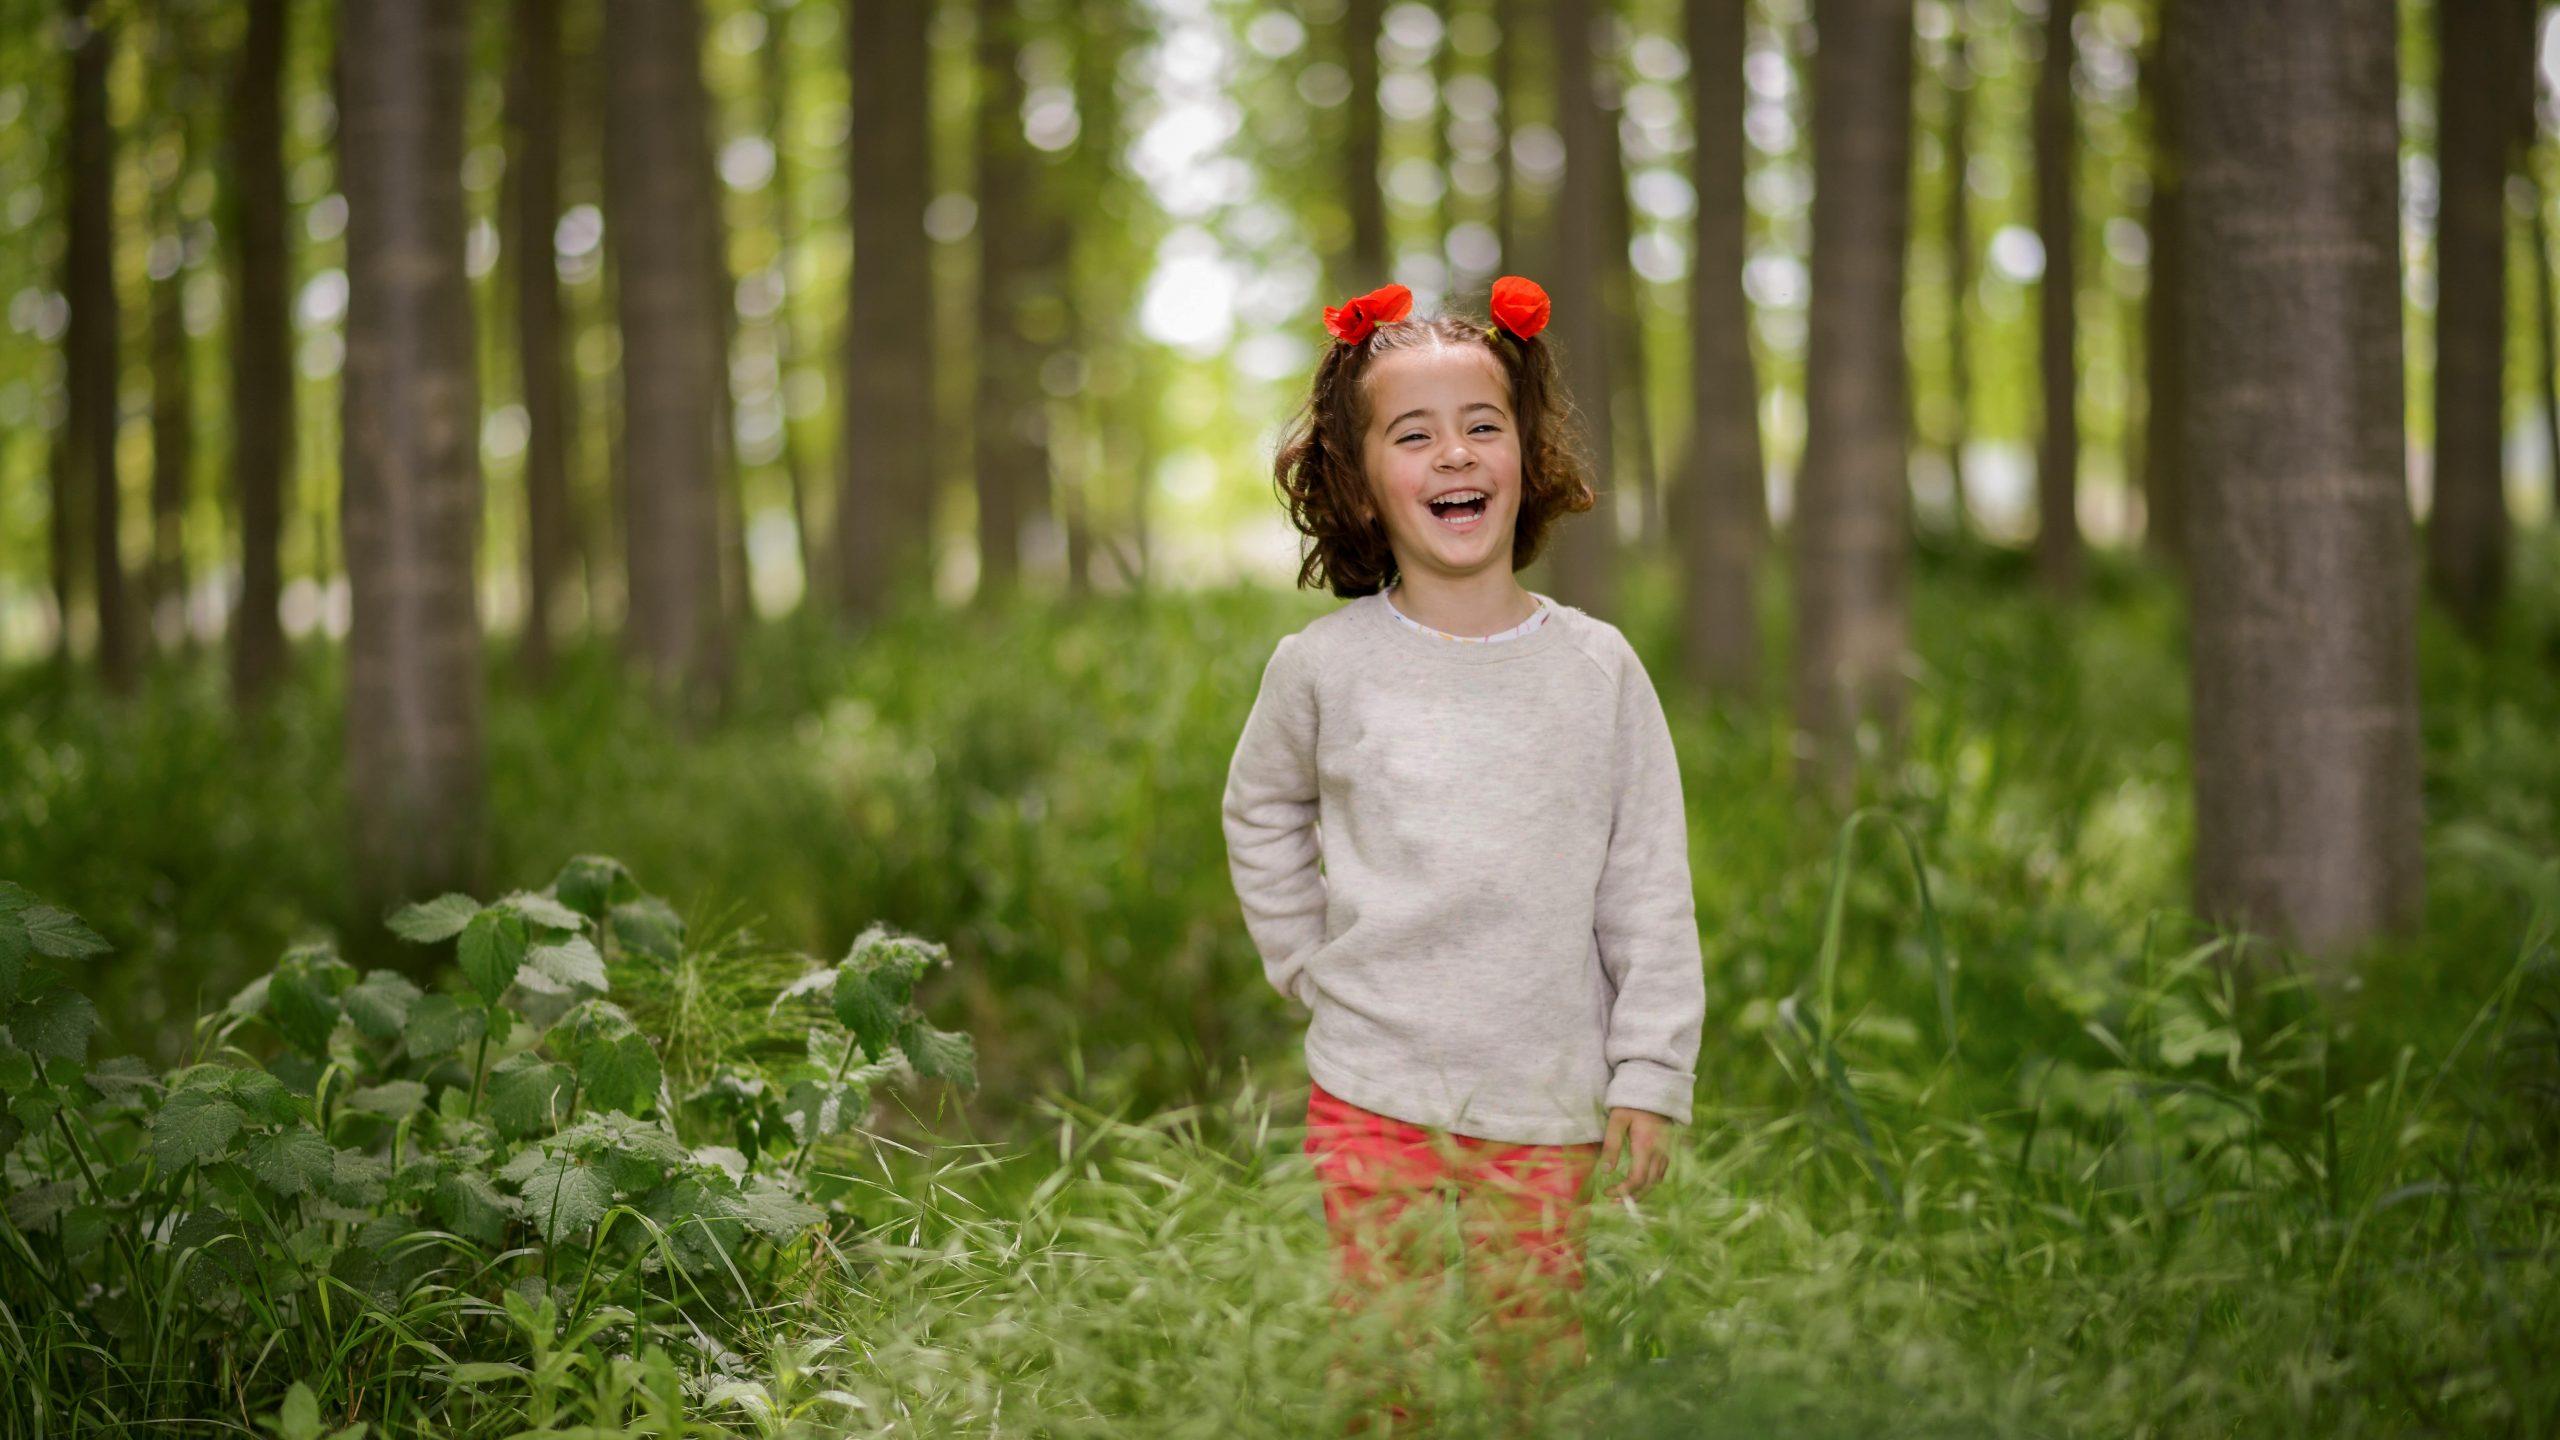 Les activités pour enfants au bois de Boulogne